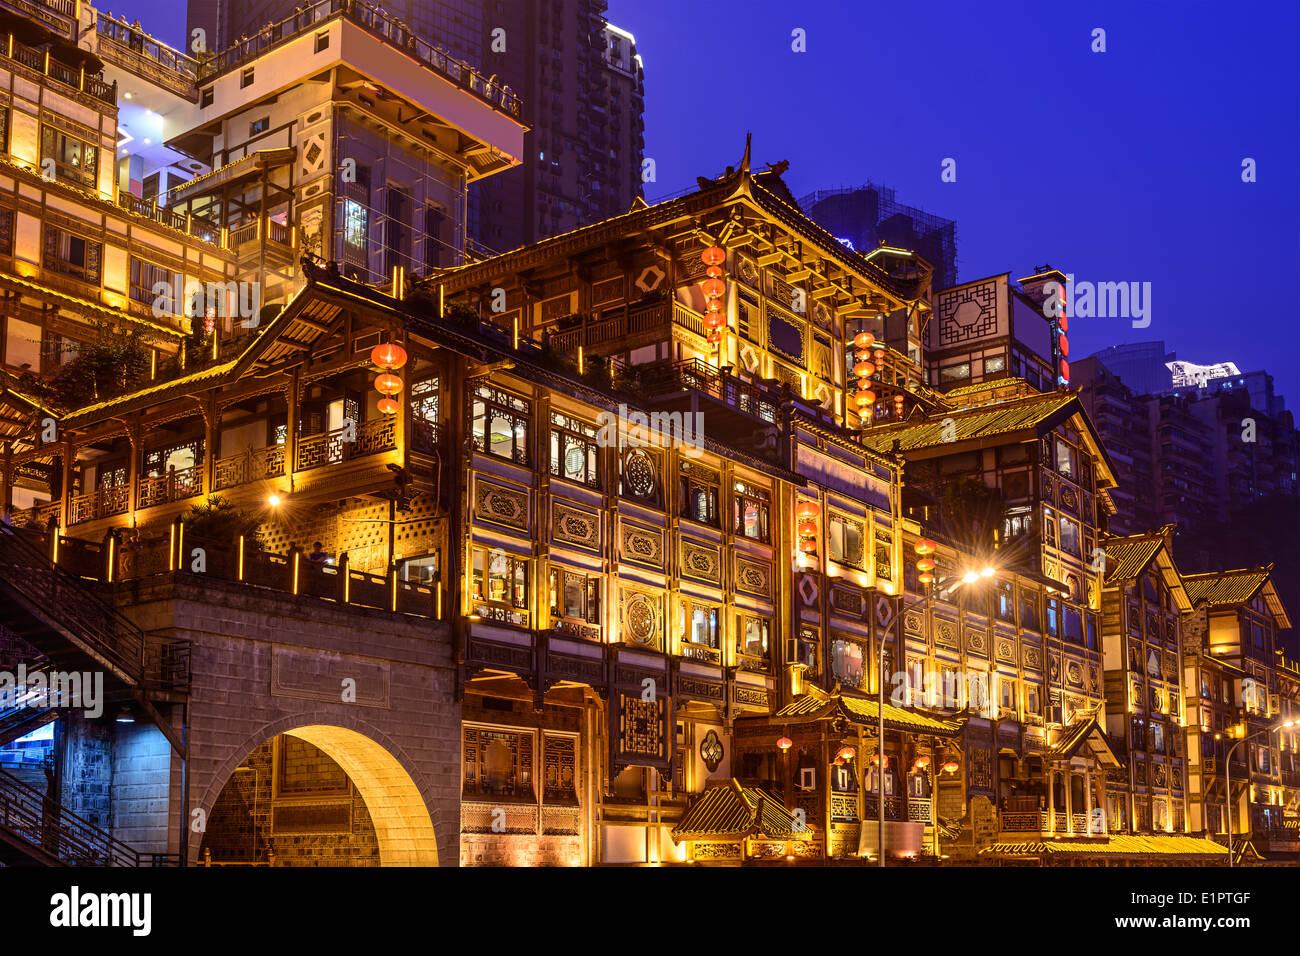 Chongqing, China at Hongyadong hillside buildings. - Stock Image